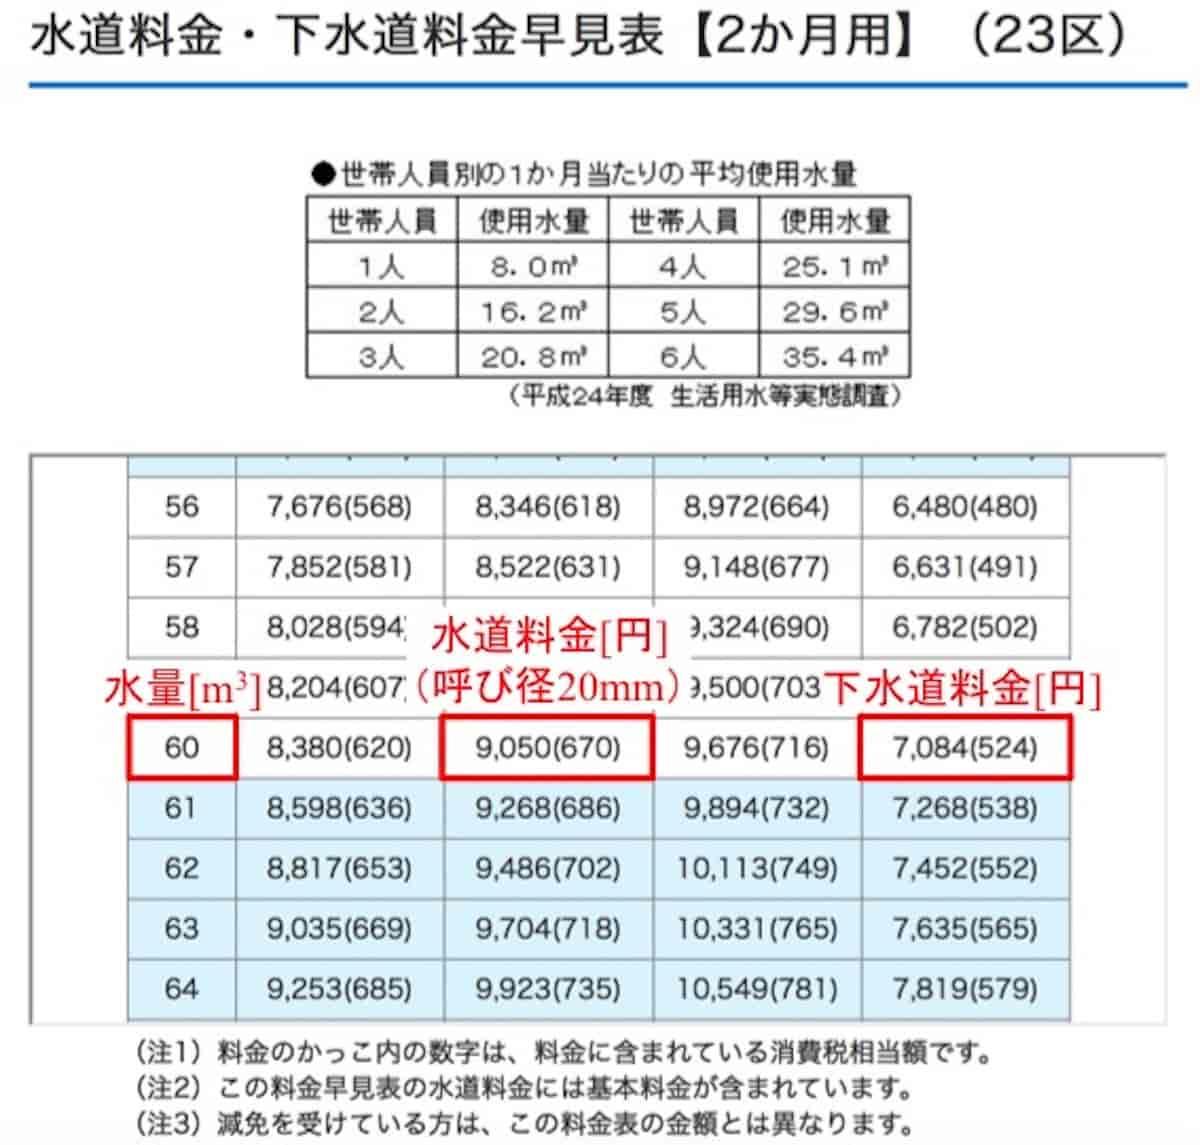 東京での5人家族の上下水道料金